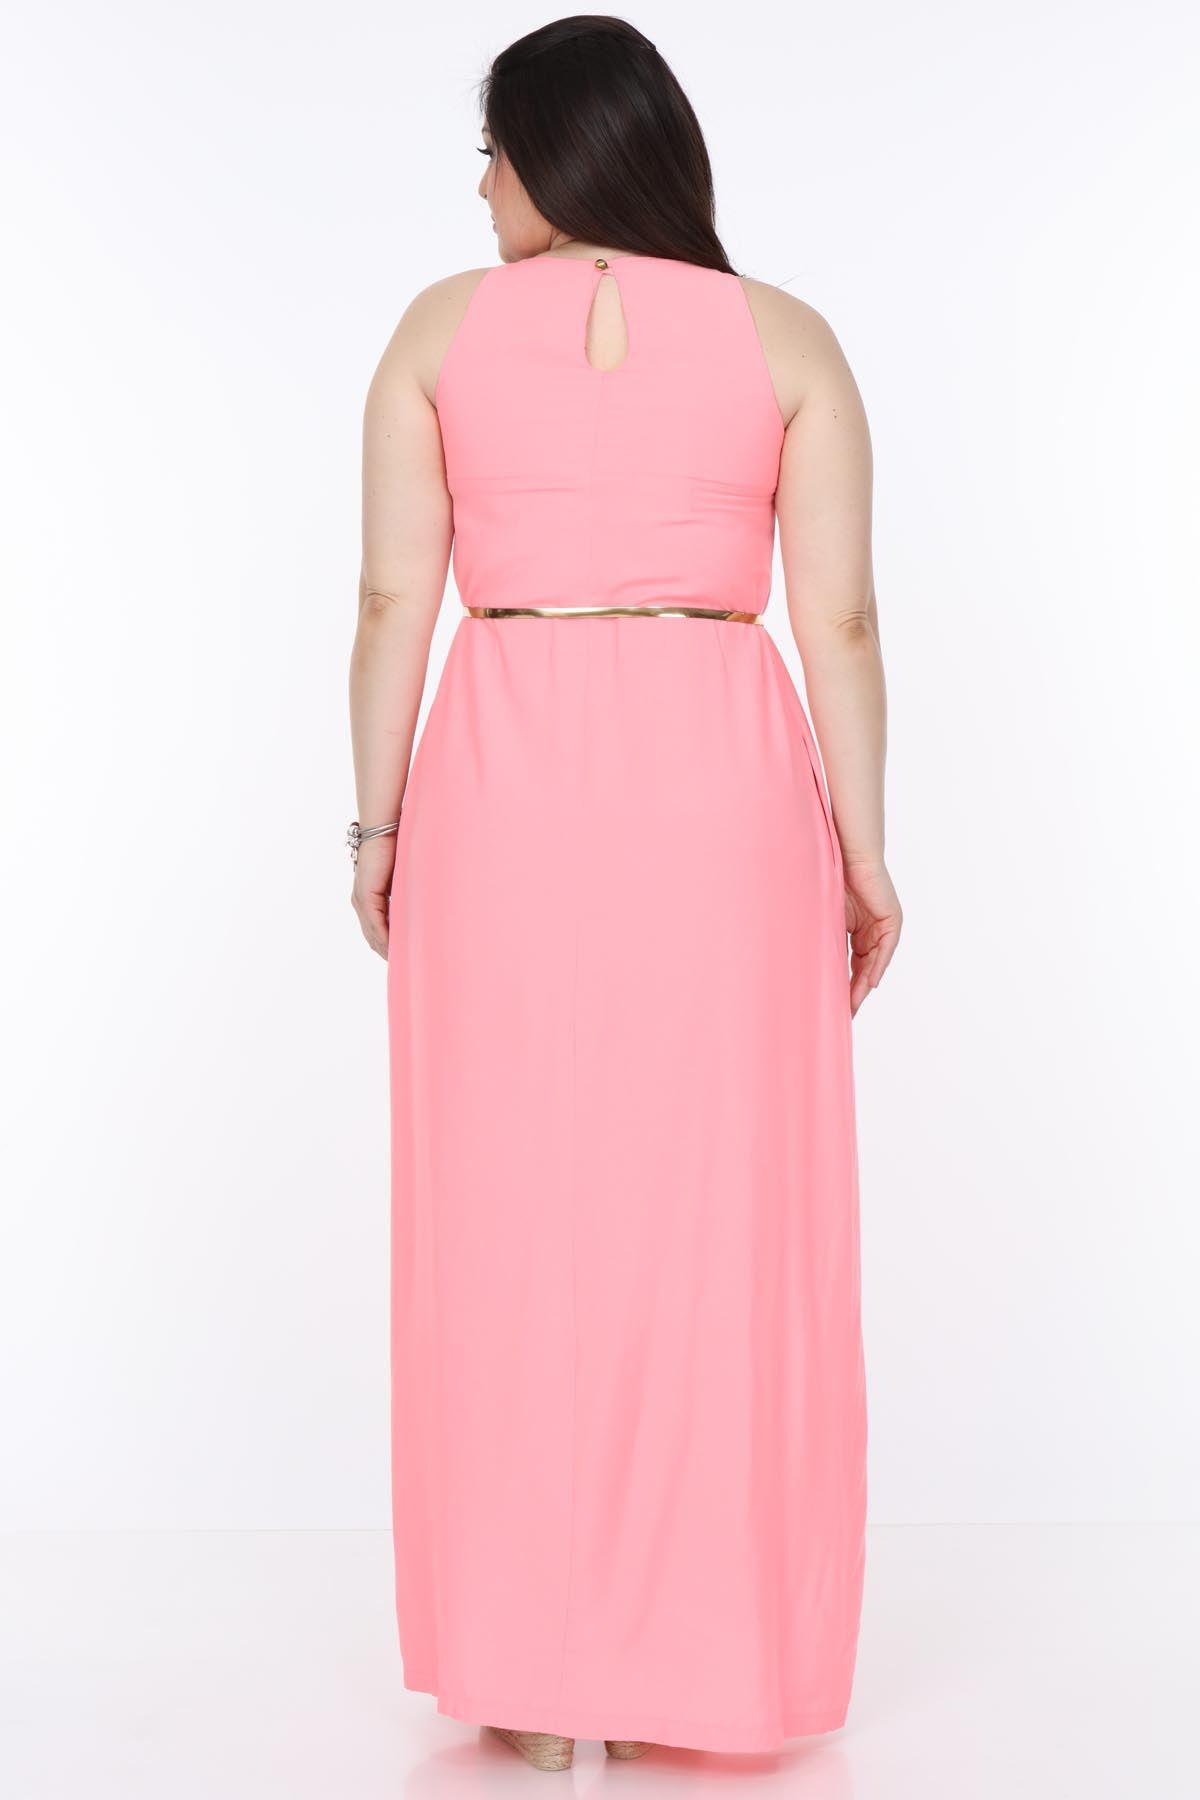 Yazlık Büyük Beden Uzun Elbise 12D-0999